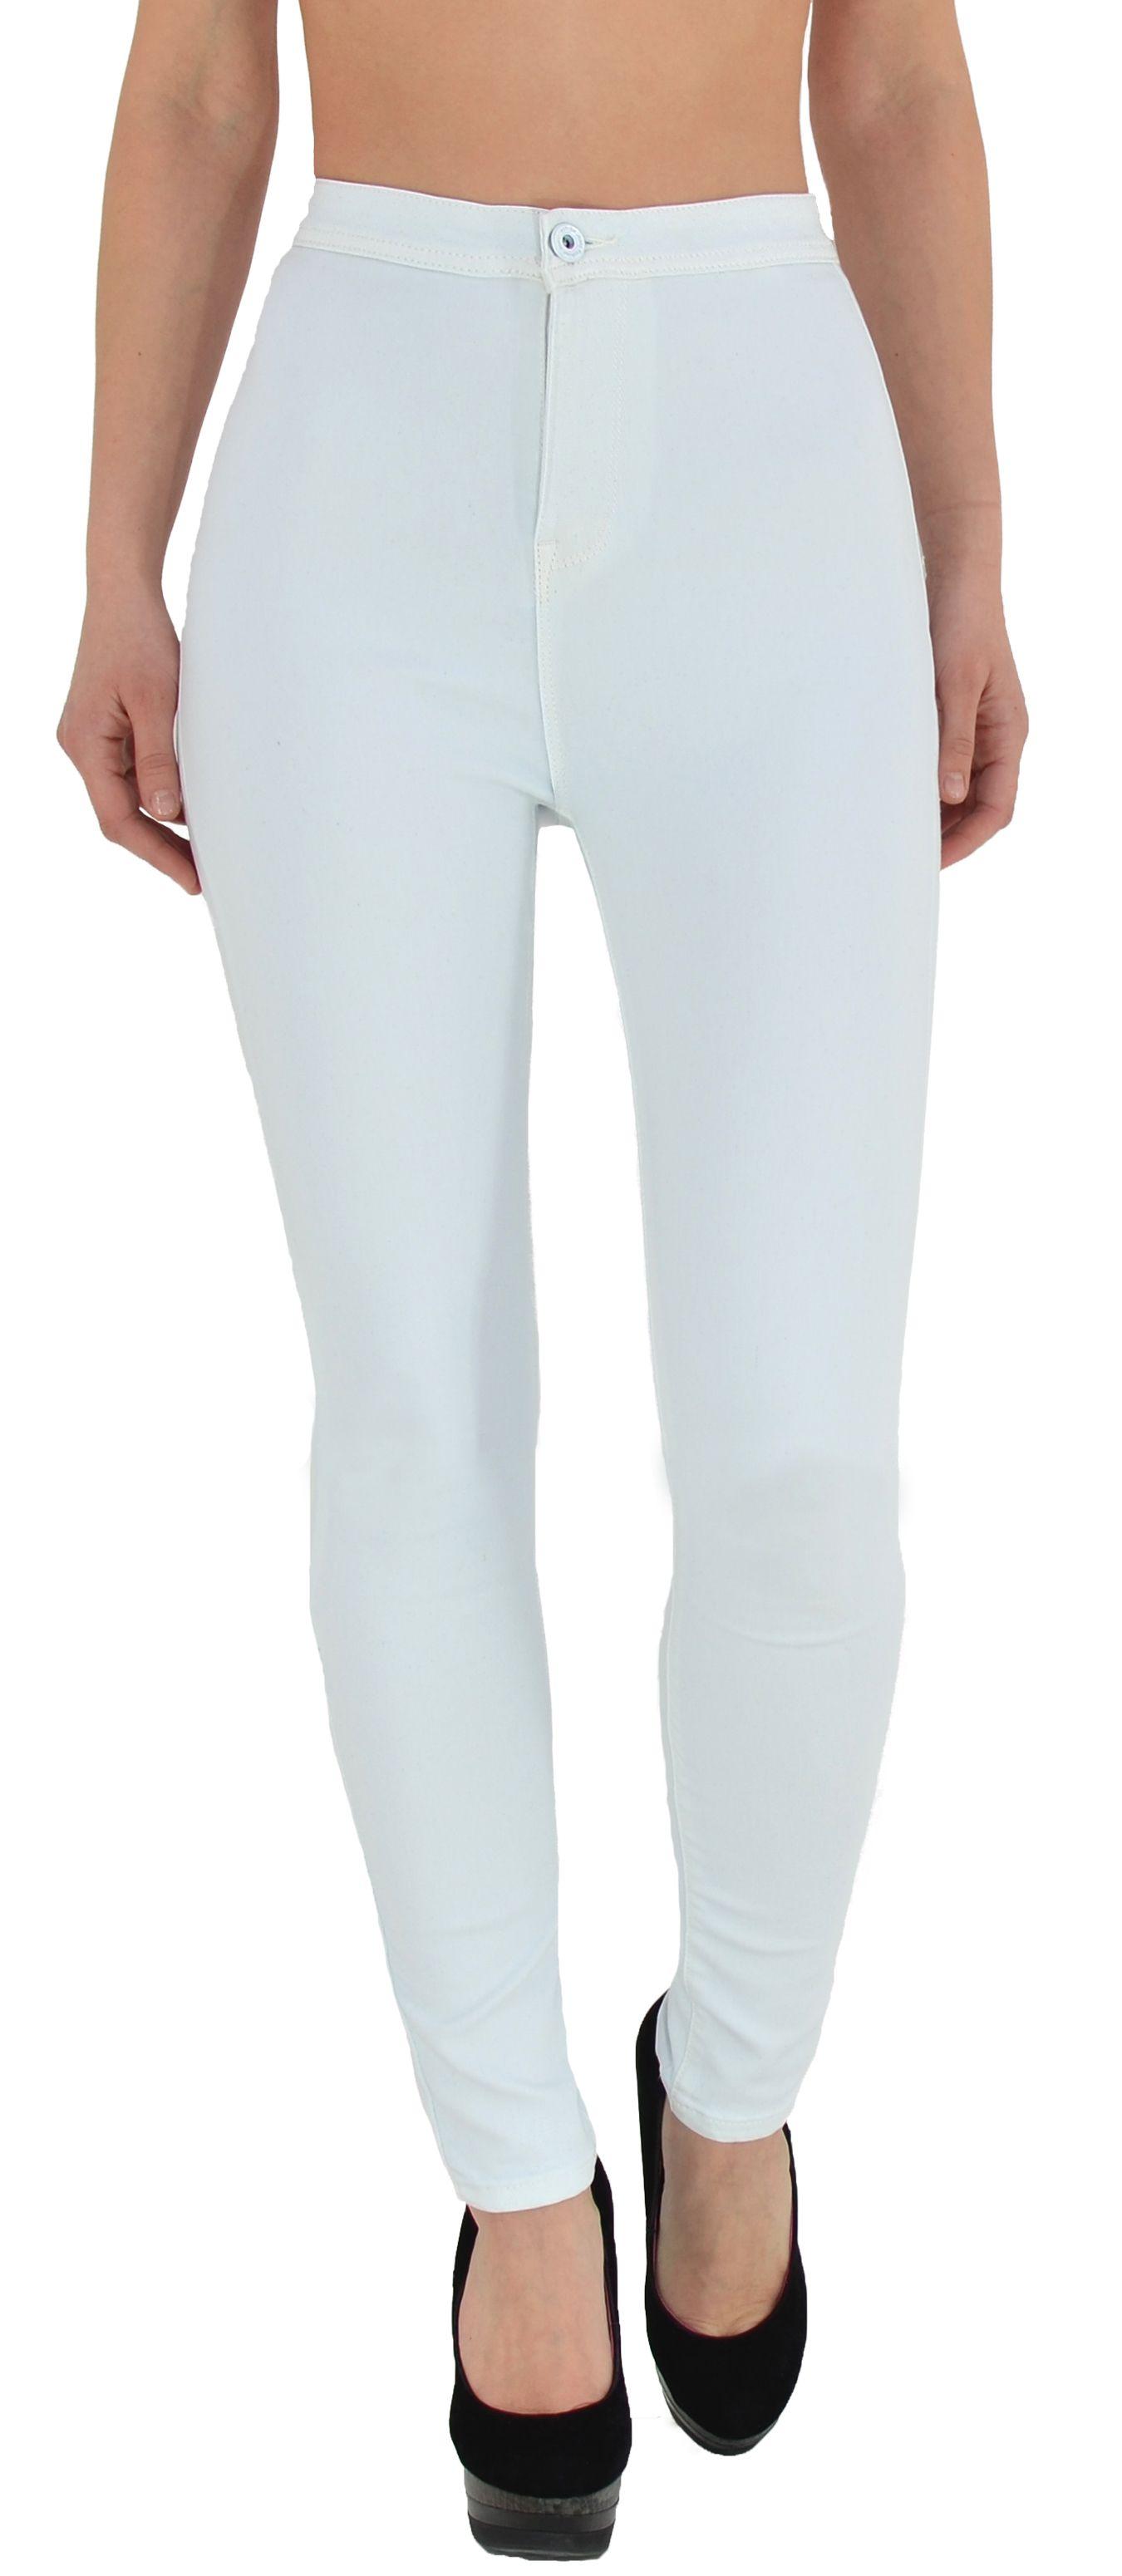 ESRA Damen Skinny High Waist Jeans weiß | Weiße jeans, Damen